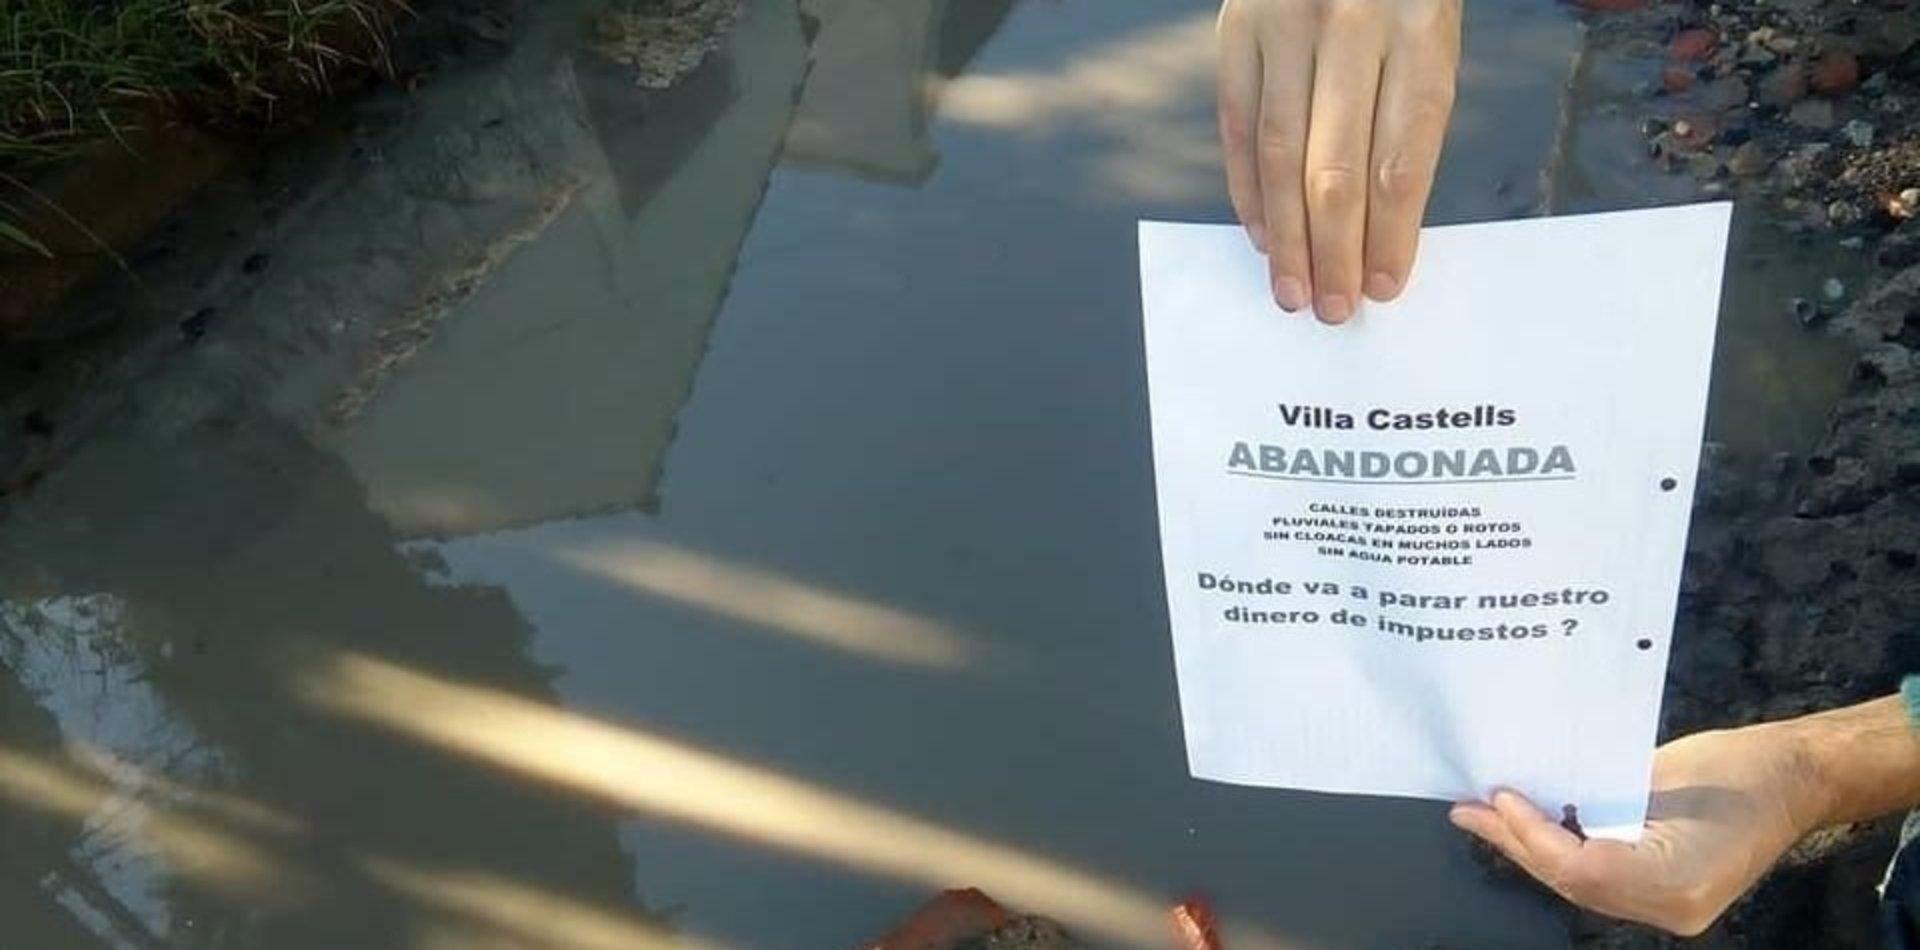 Crisis en Villa Castells: los vecinos salen a la calle para exigir obras al Municipio